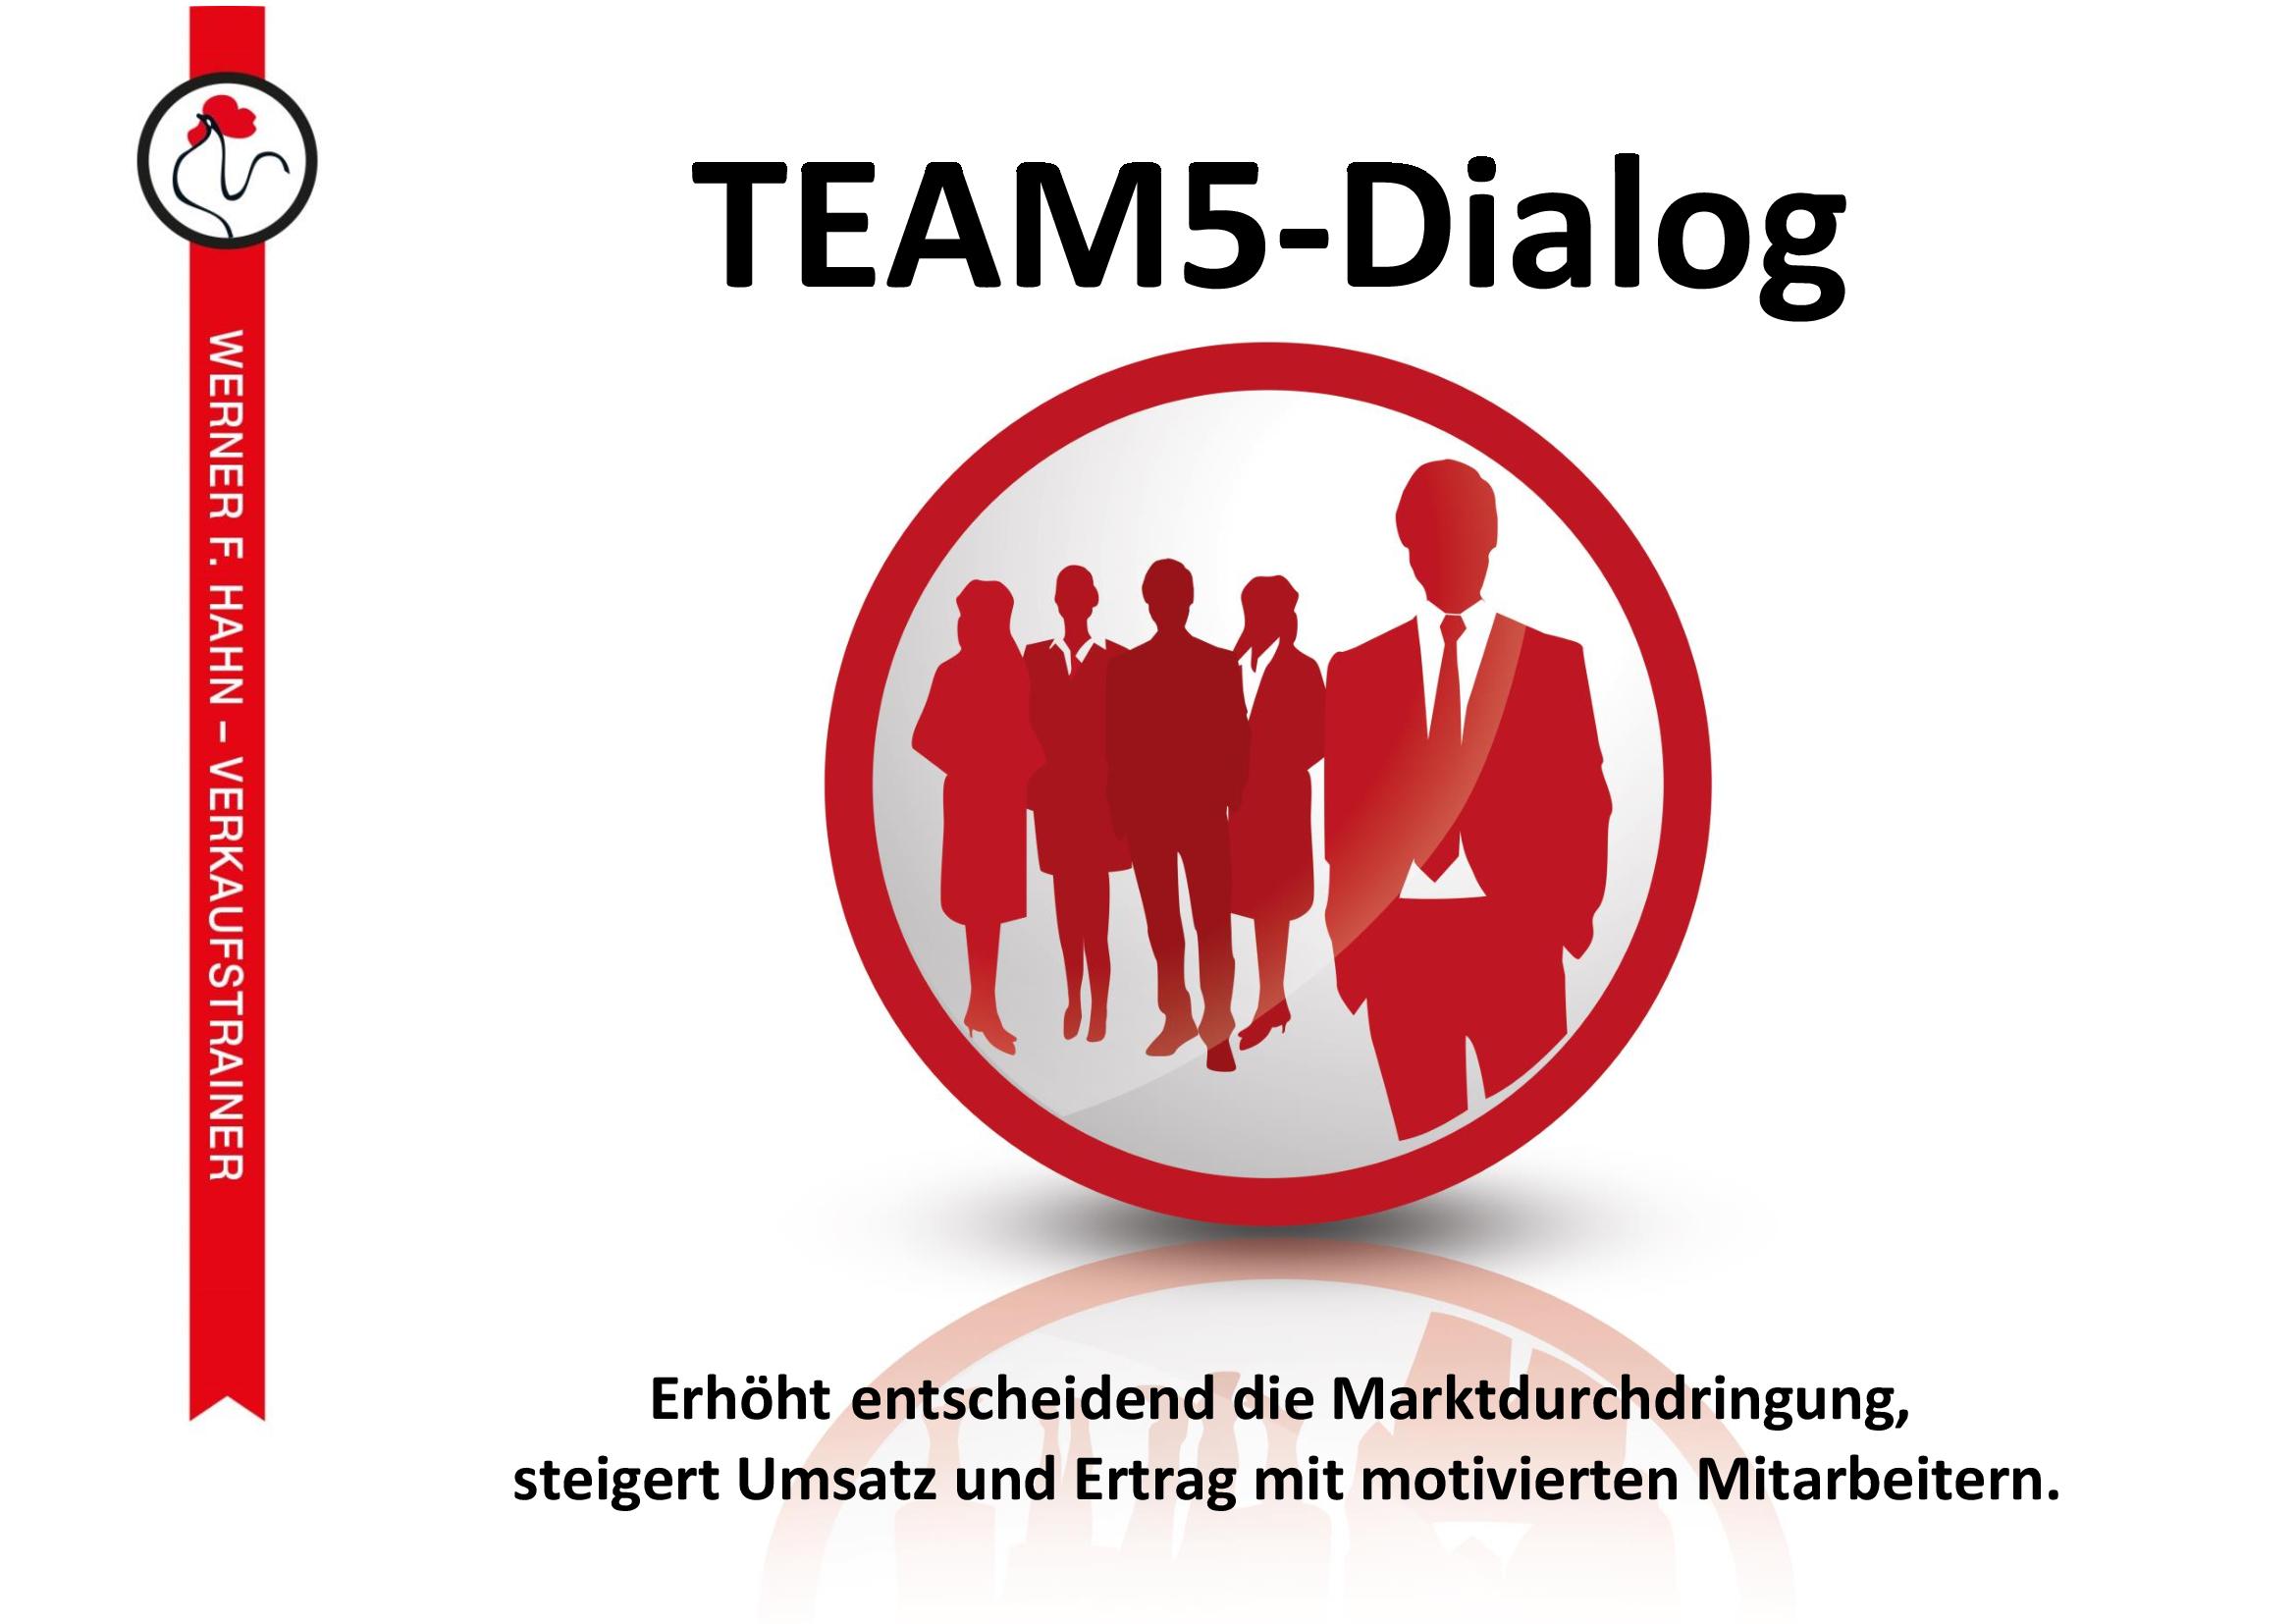 TEAM5-Dialog